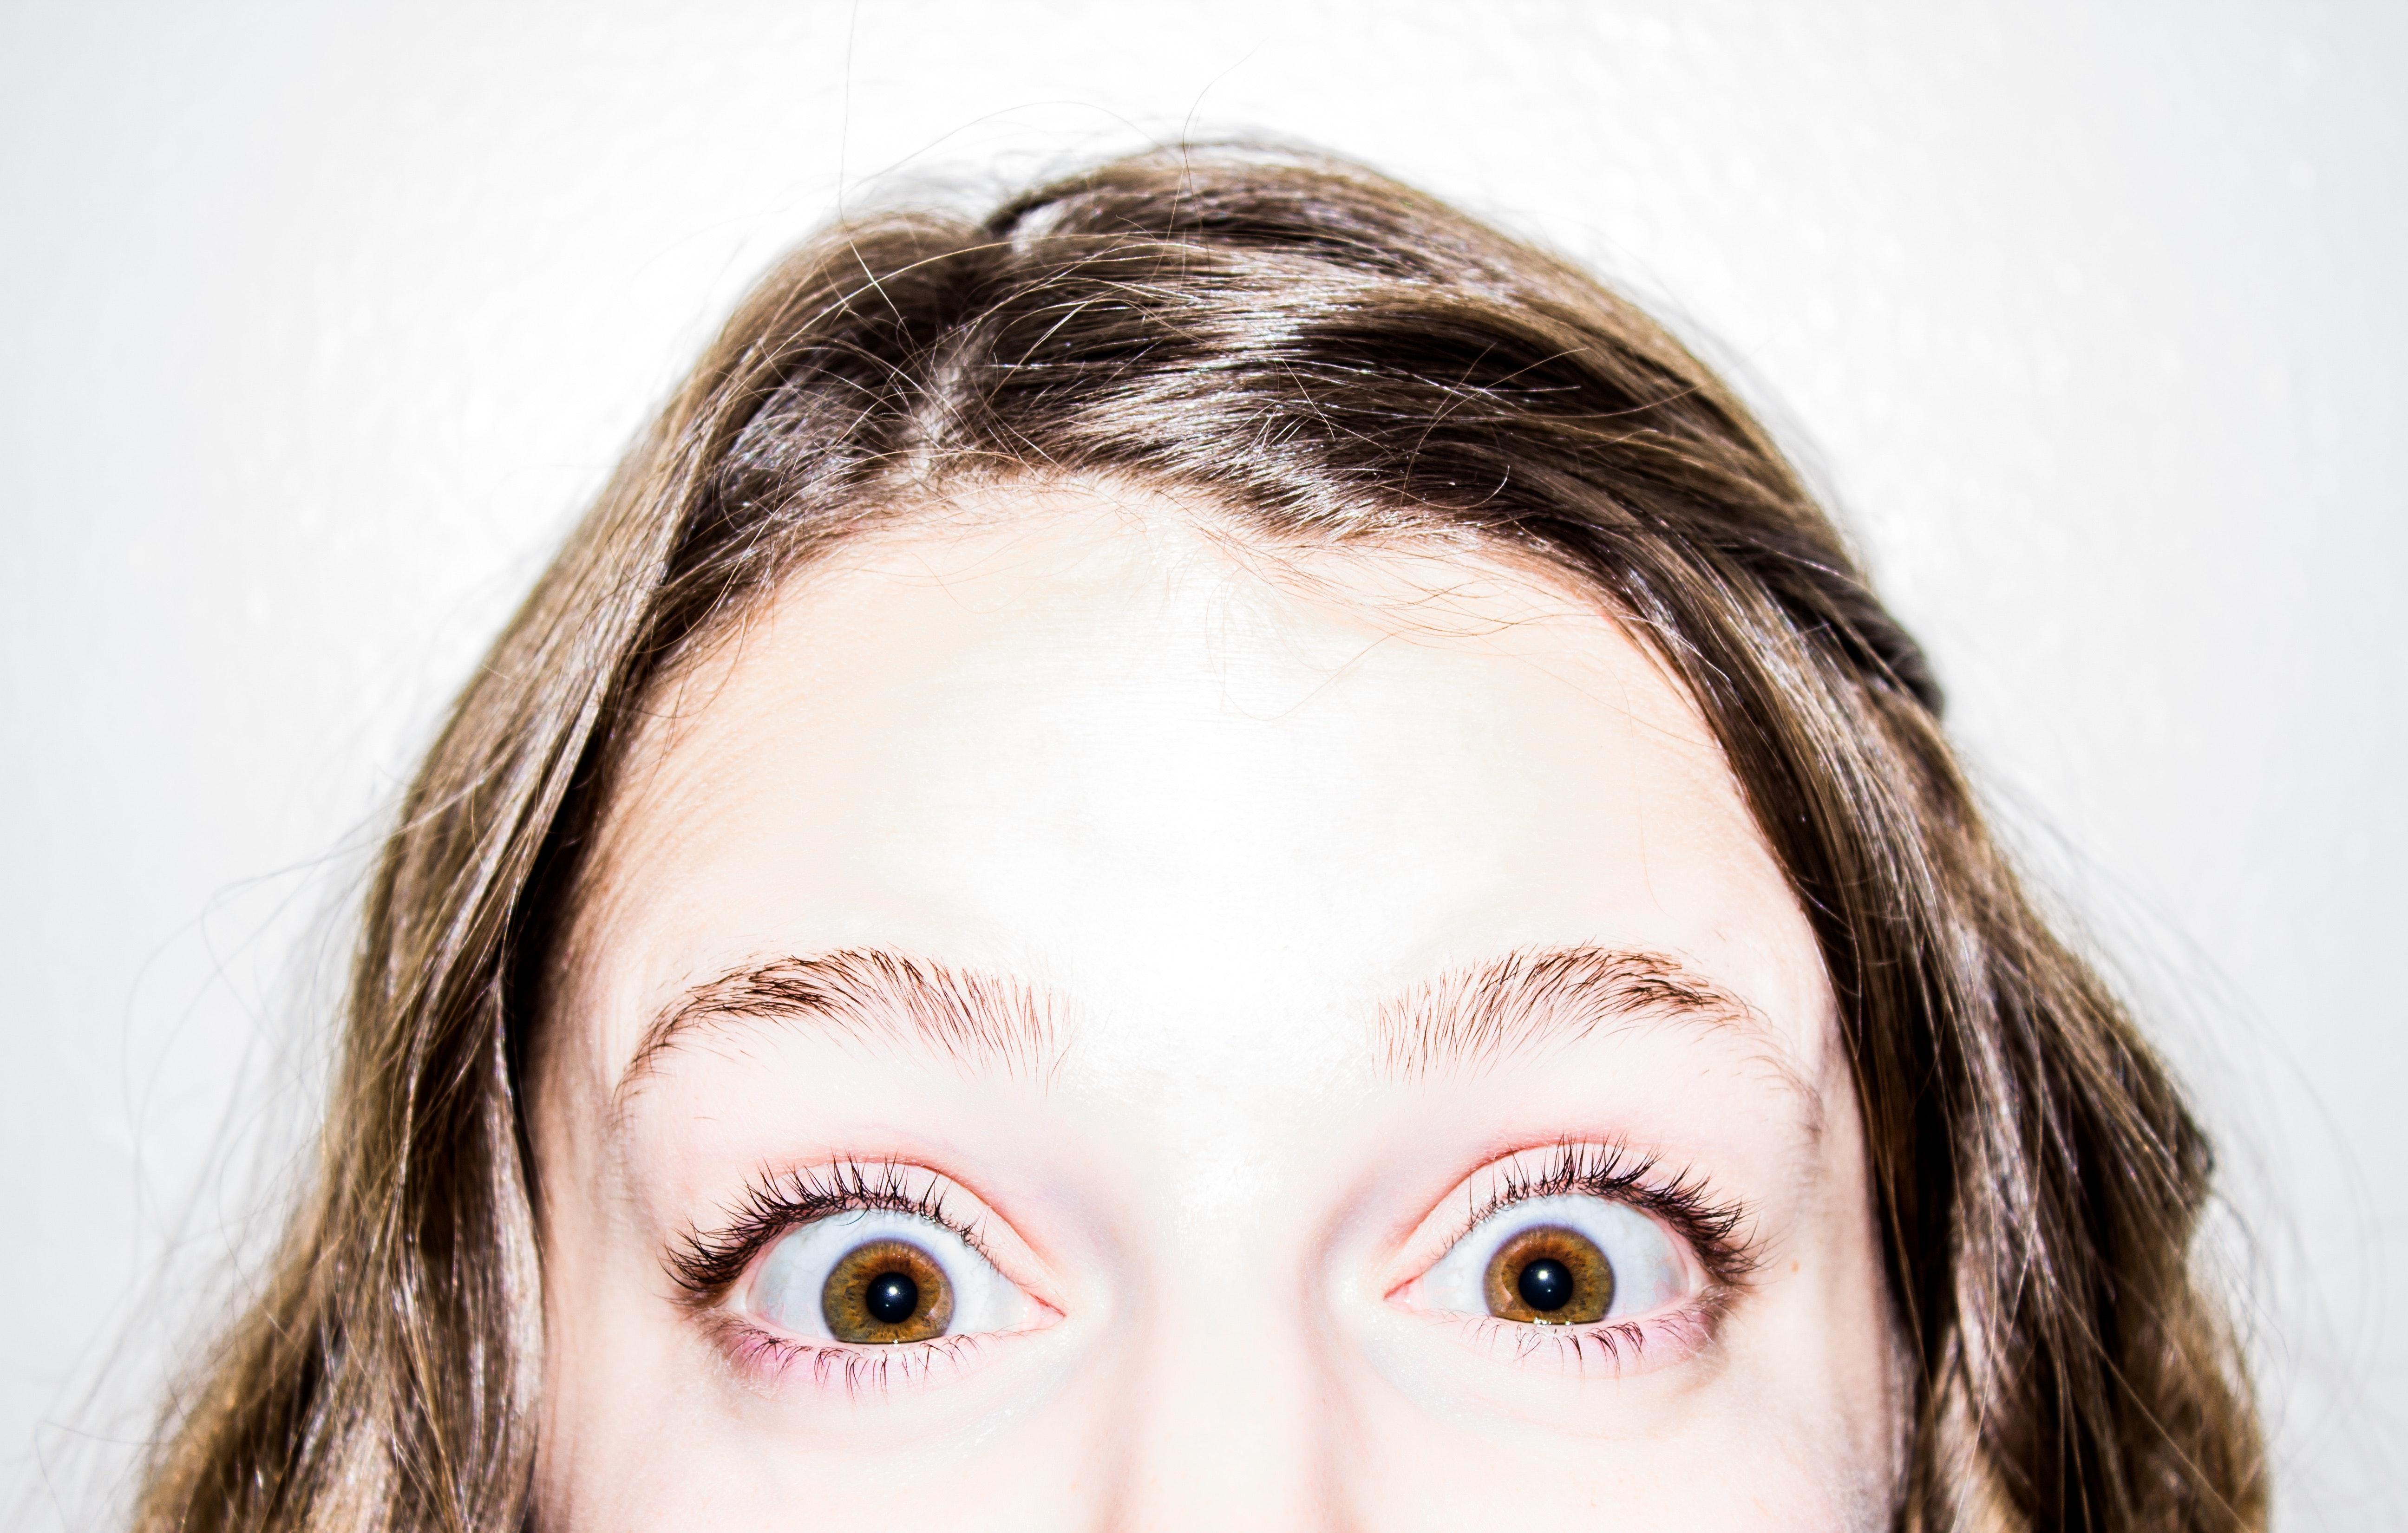 amazed-excited-eye-74472